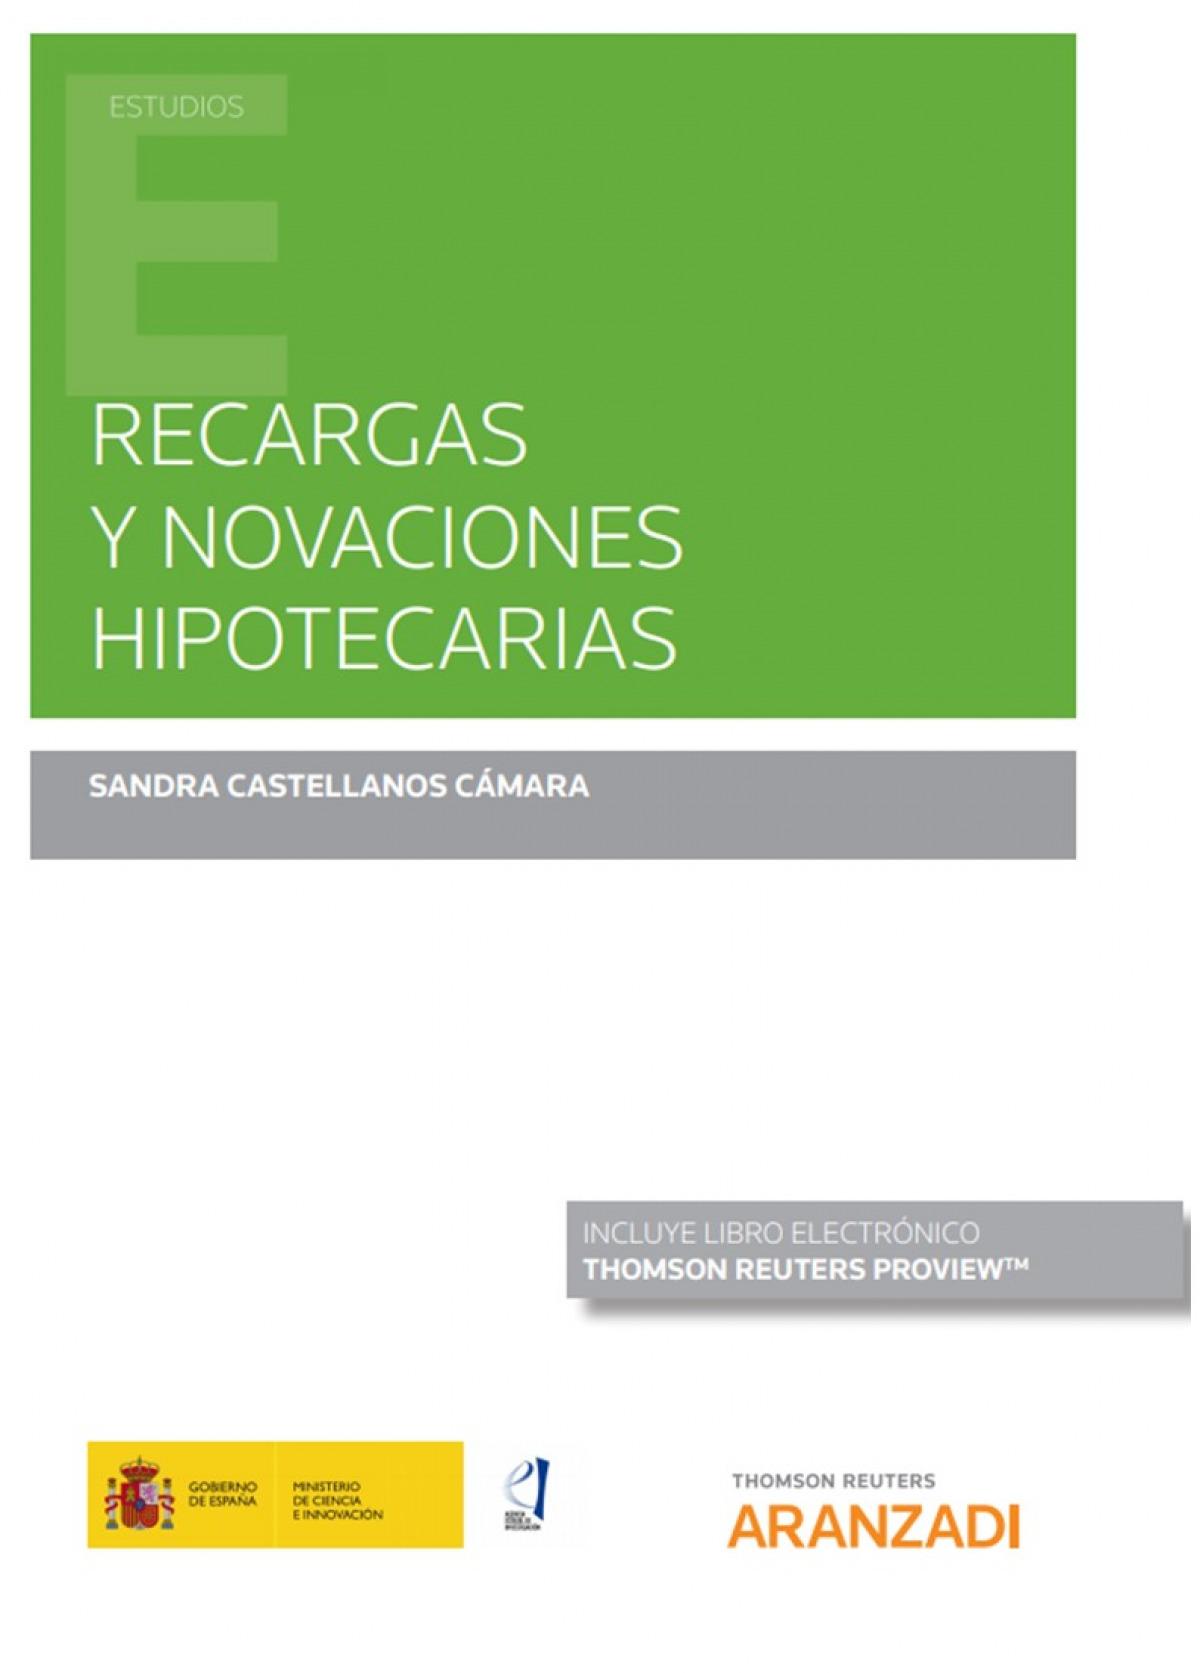 RECARGAS Y NOVACIONES HIPOTECARIAS DUO 9788413456089